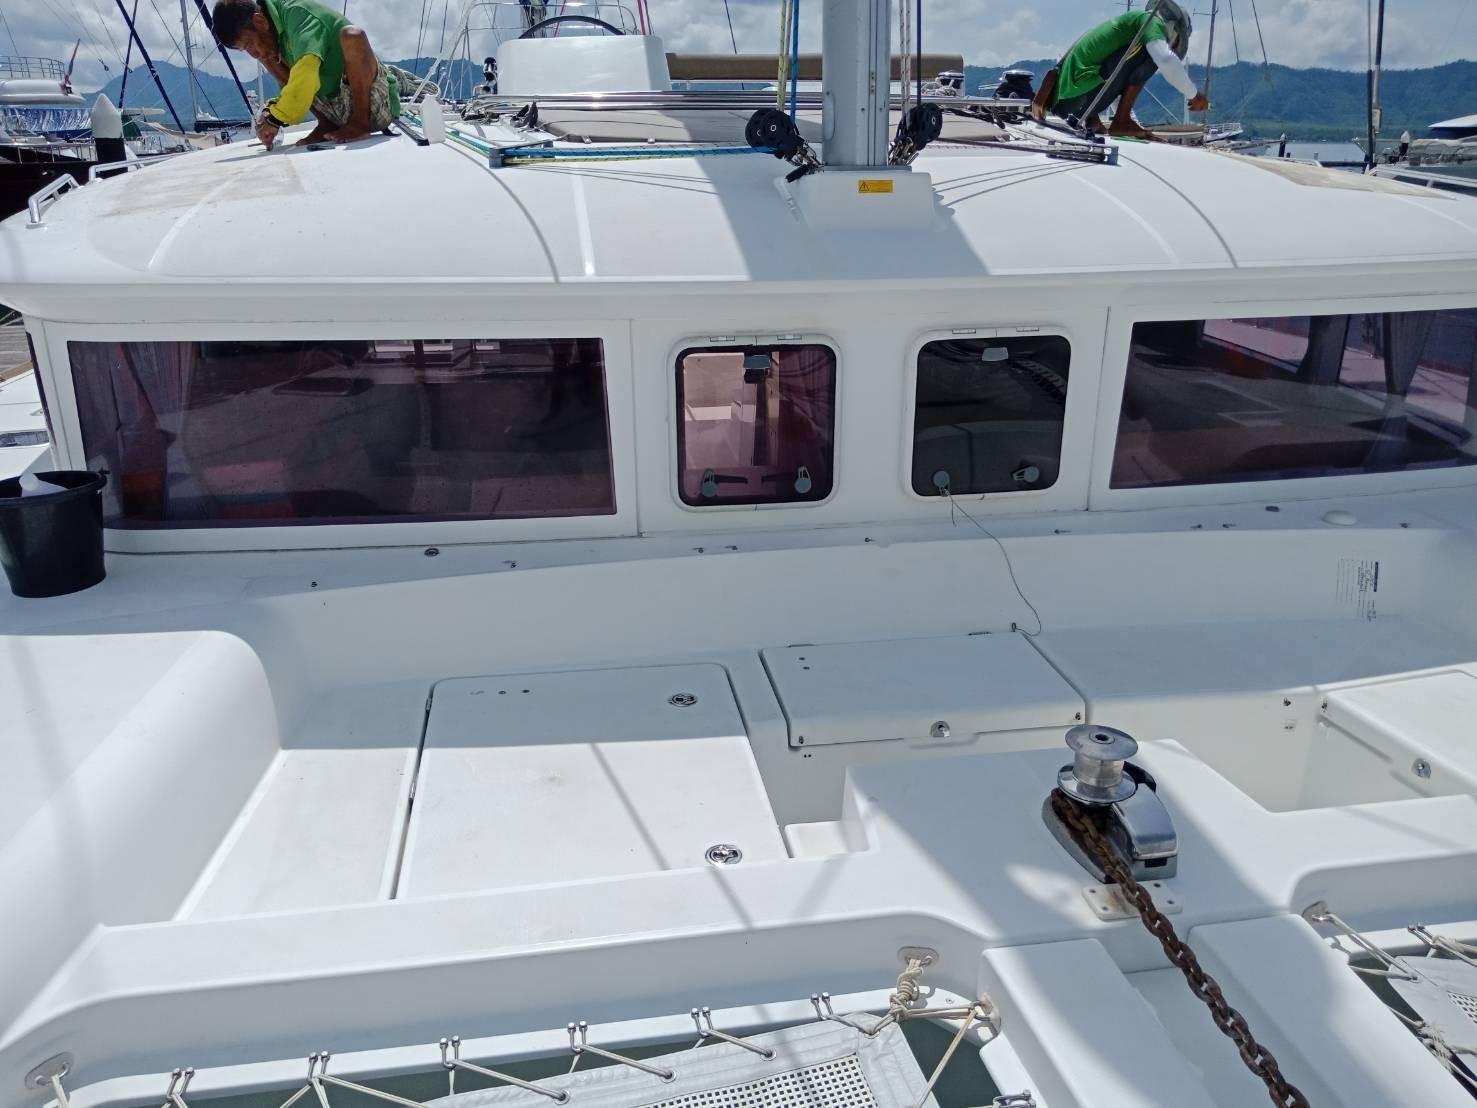 Used Sail Catamaran for Sale 2013 Lagoon 450 Deck & Equipment